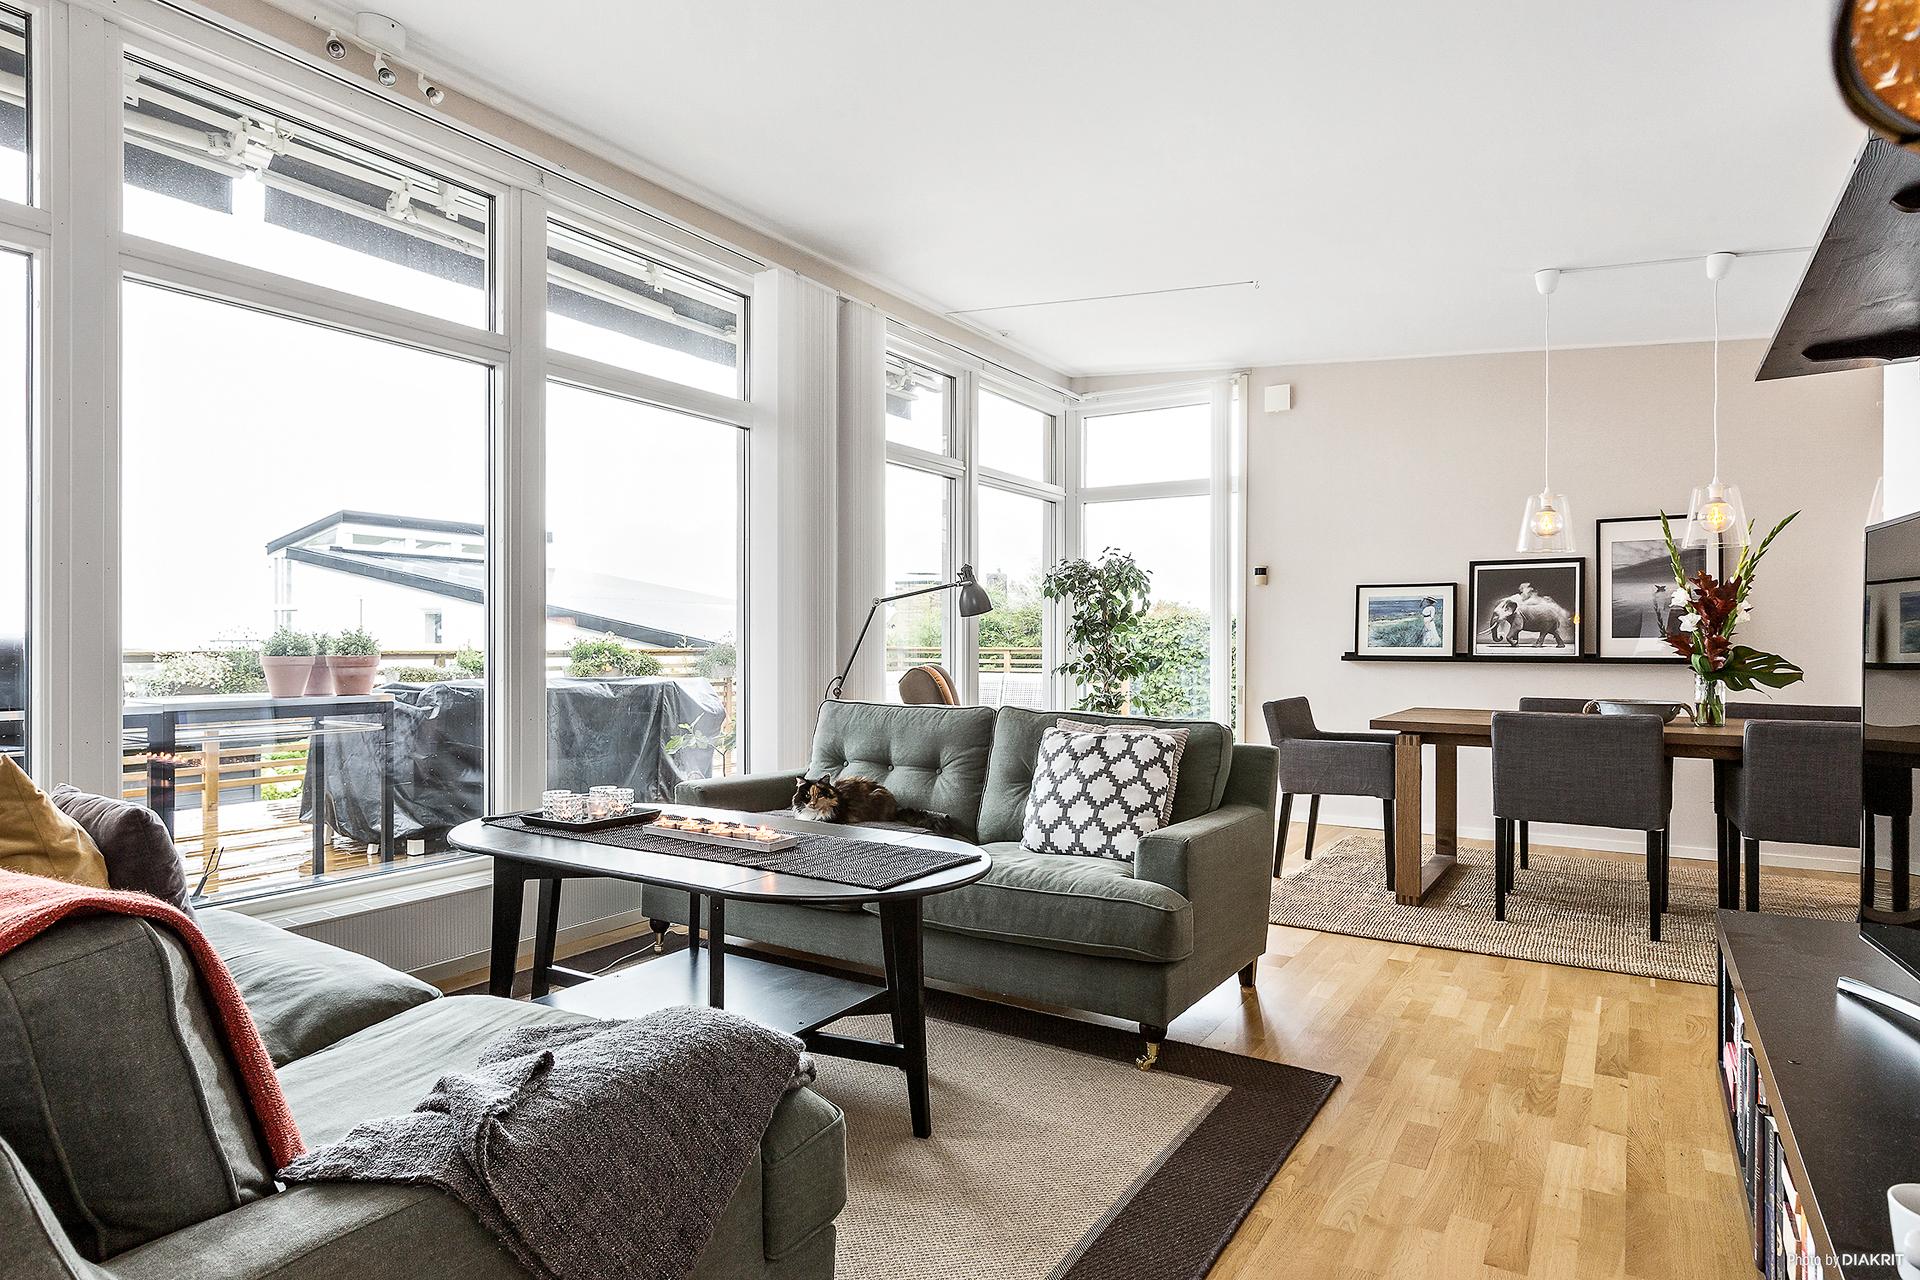 Härligt vardagsrum med utsikt och stort ljusinsläpp